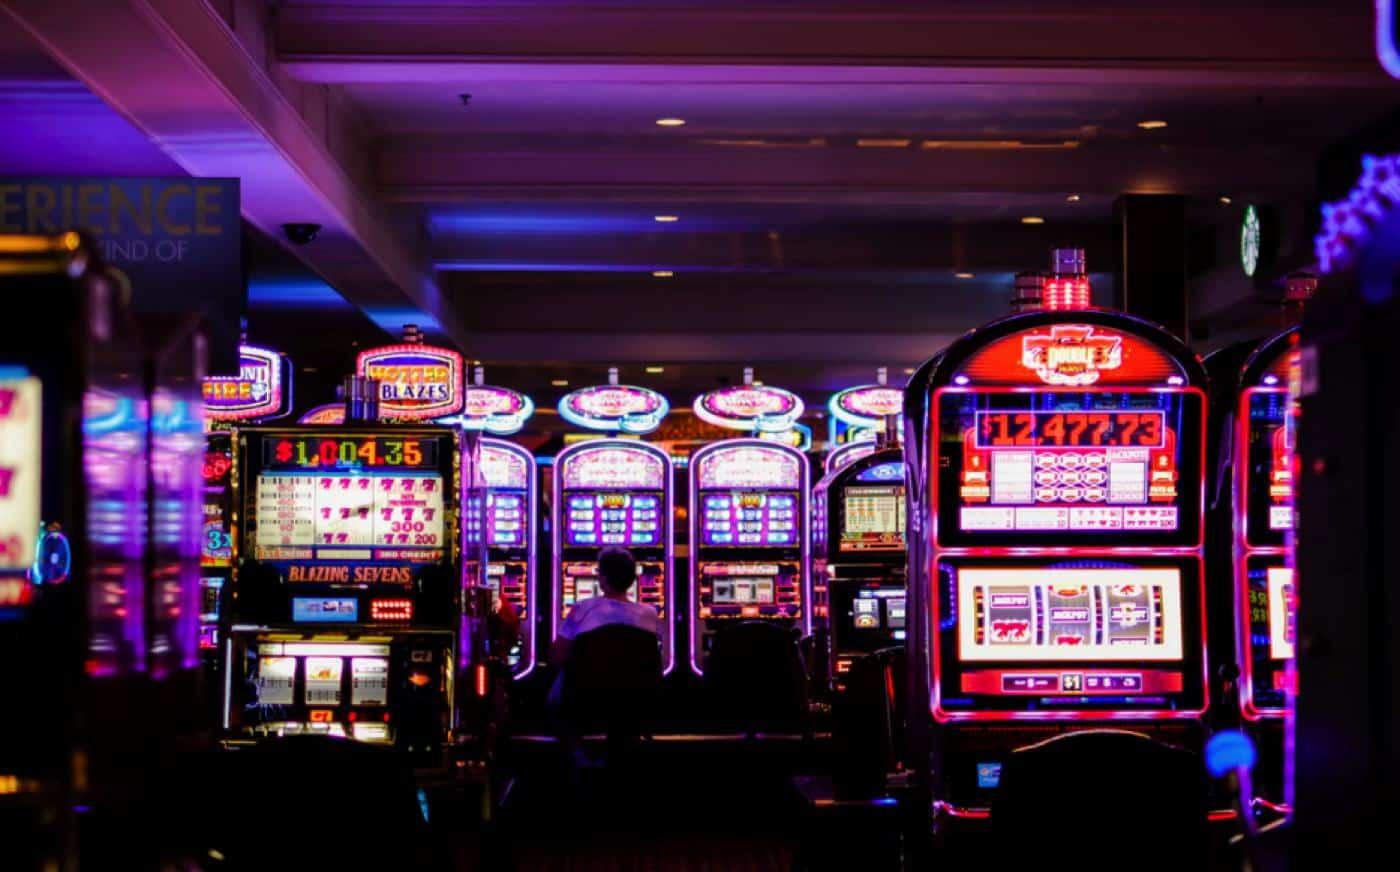 Mengenal Slot Online Sebagai Jenis Permainan Judi Terpopuler 2021